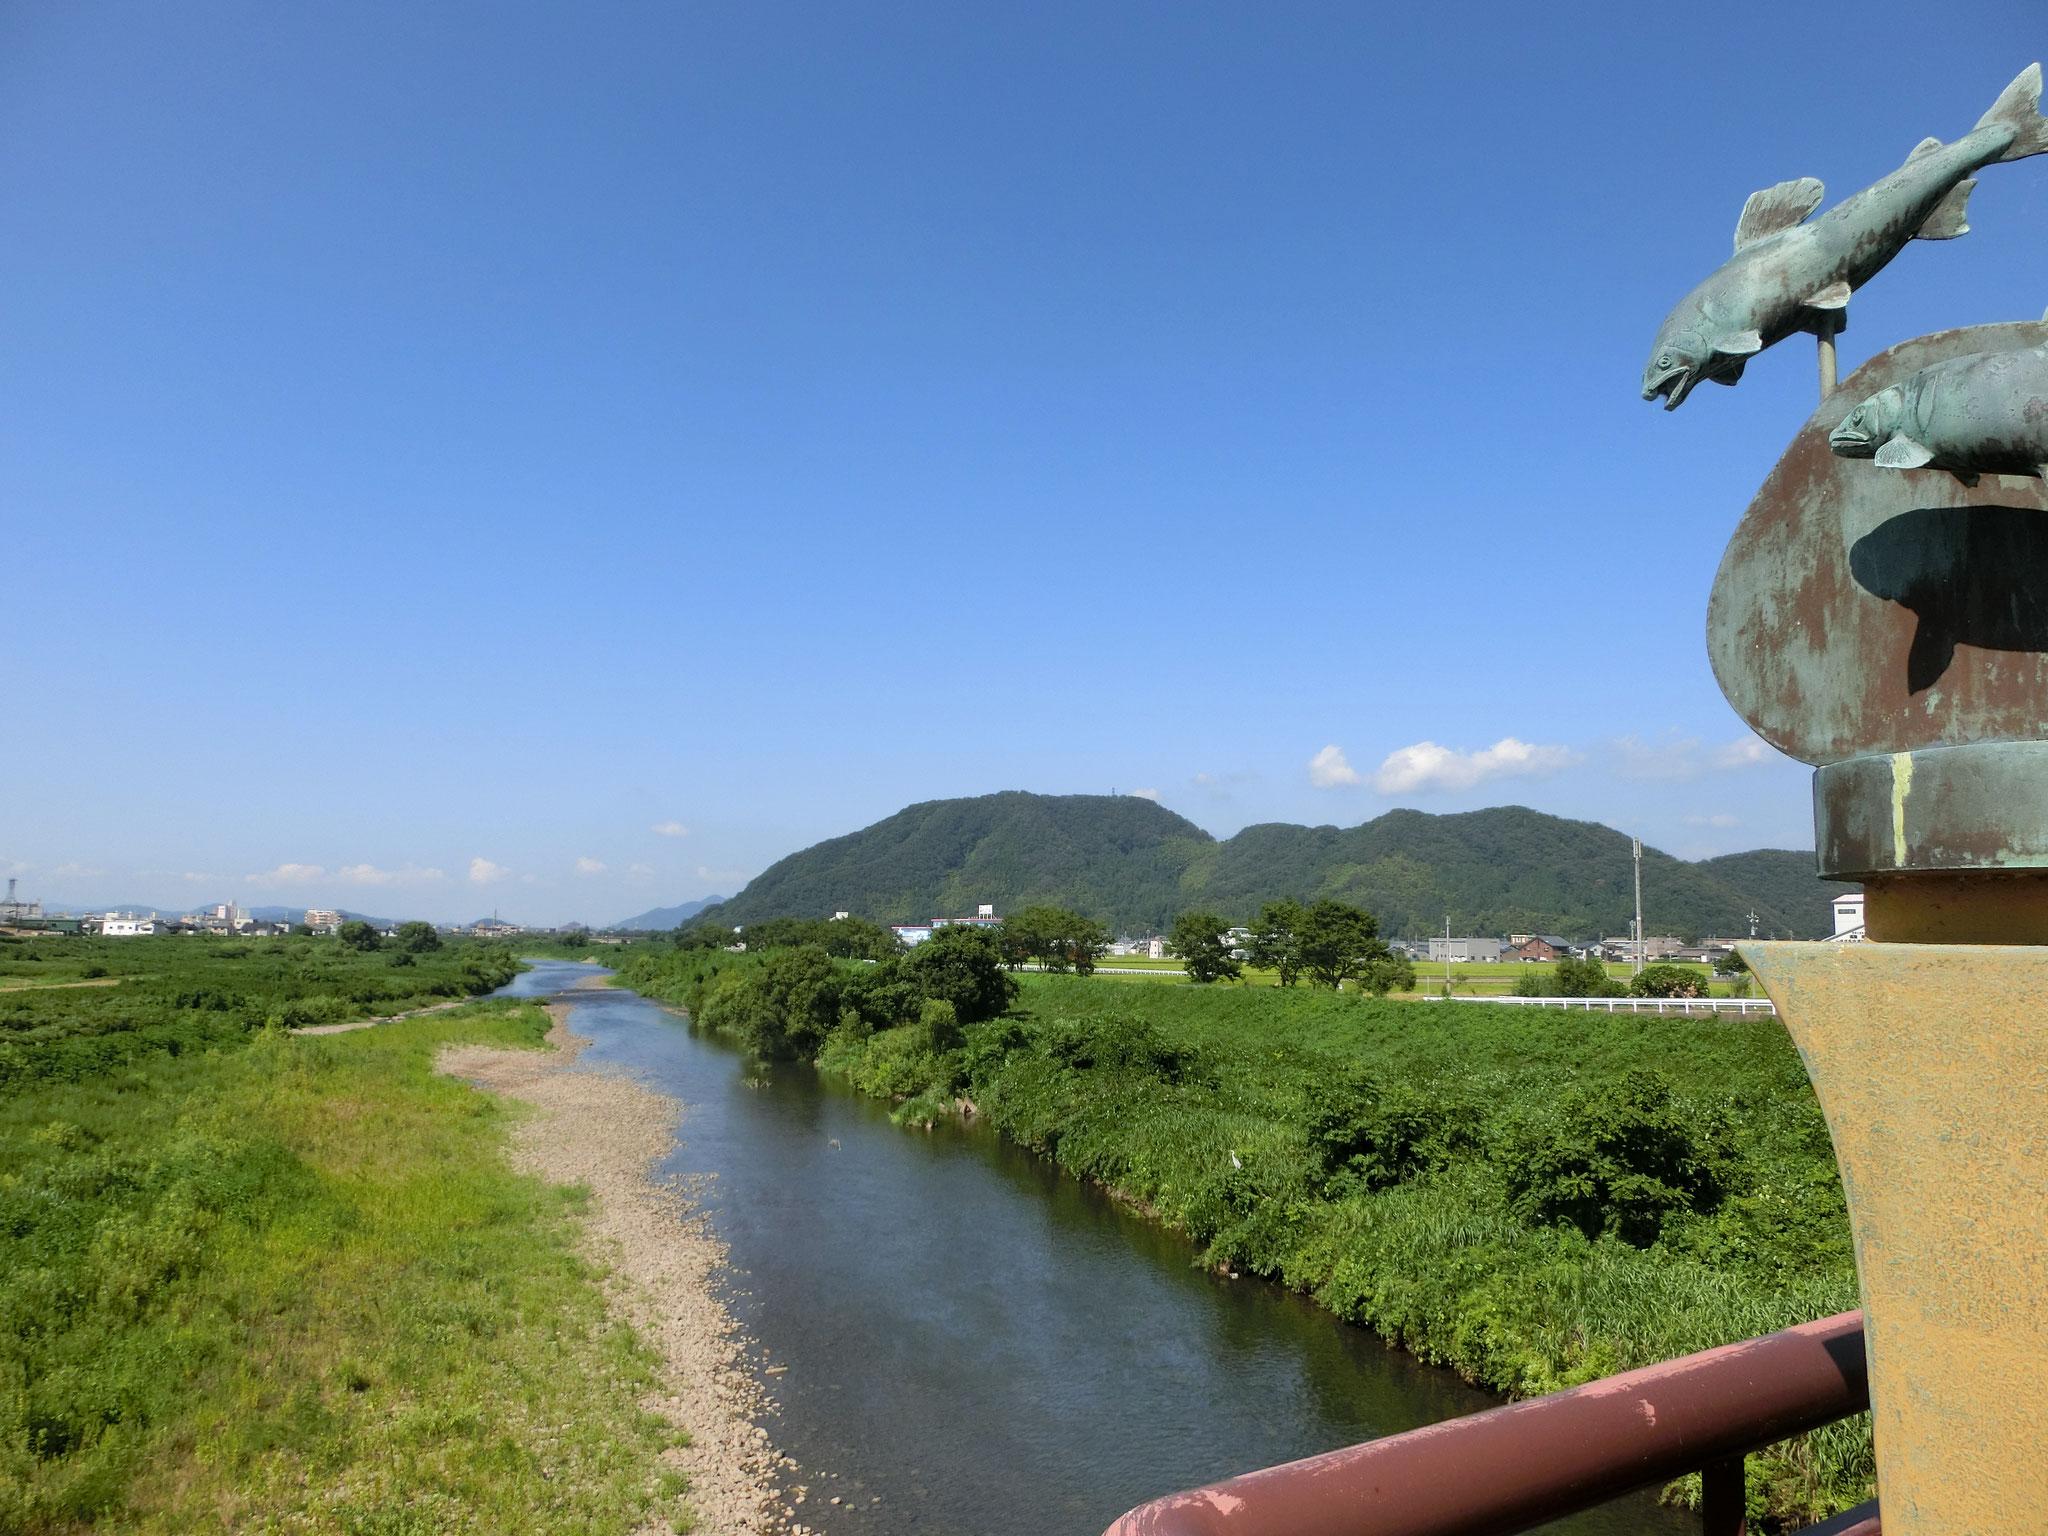 H28.8.8 15時 越前市 日野大橋下流